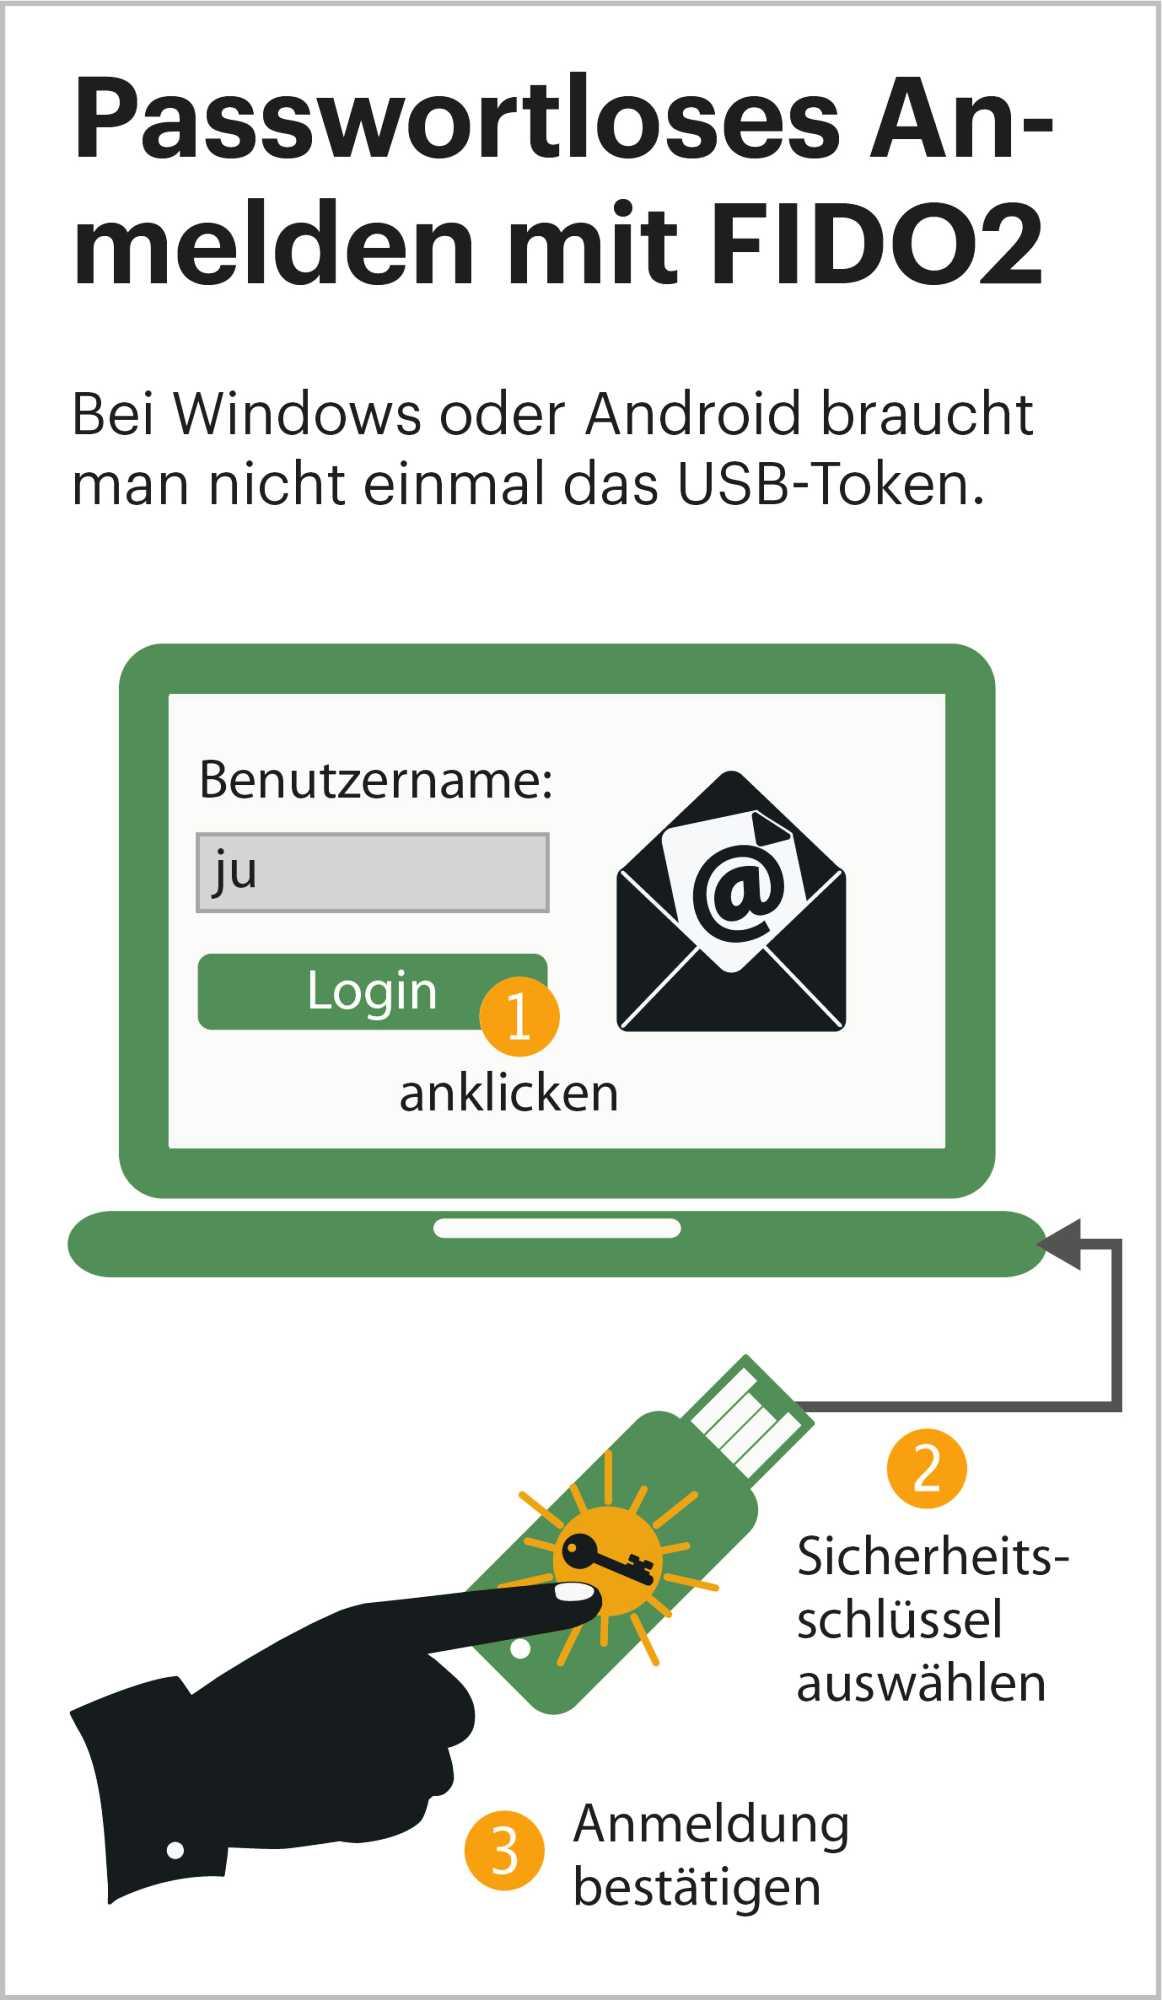 Passwortloses Anmelden mit FIDO2